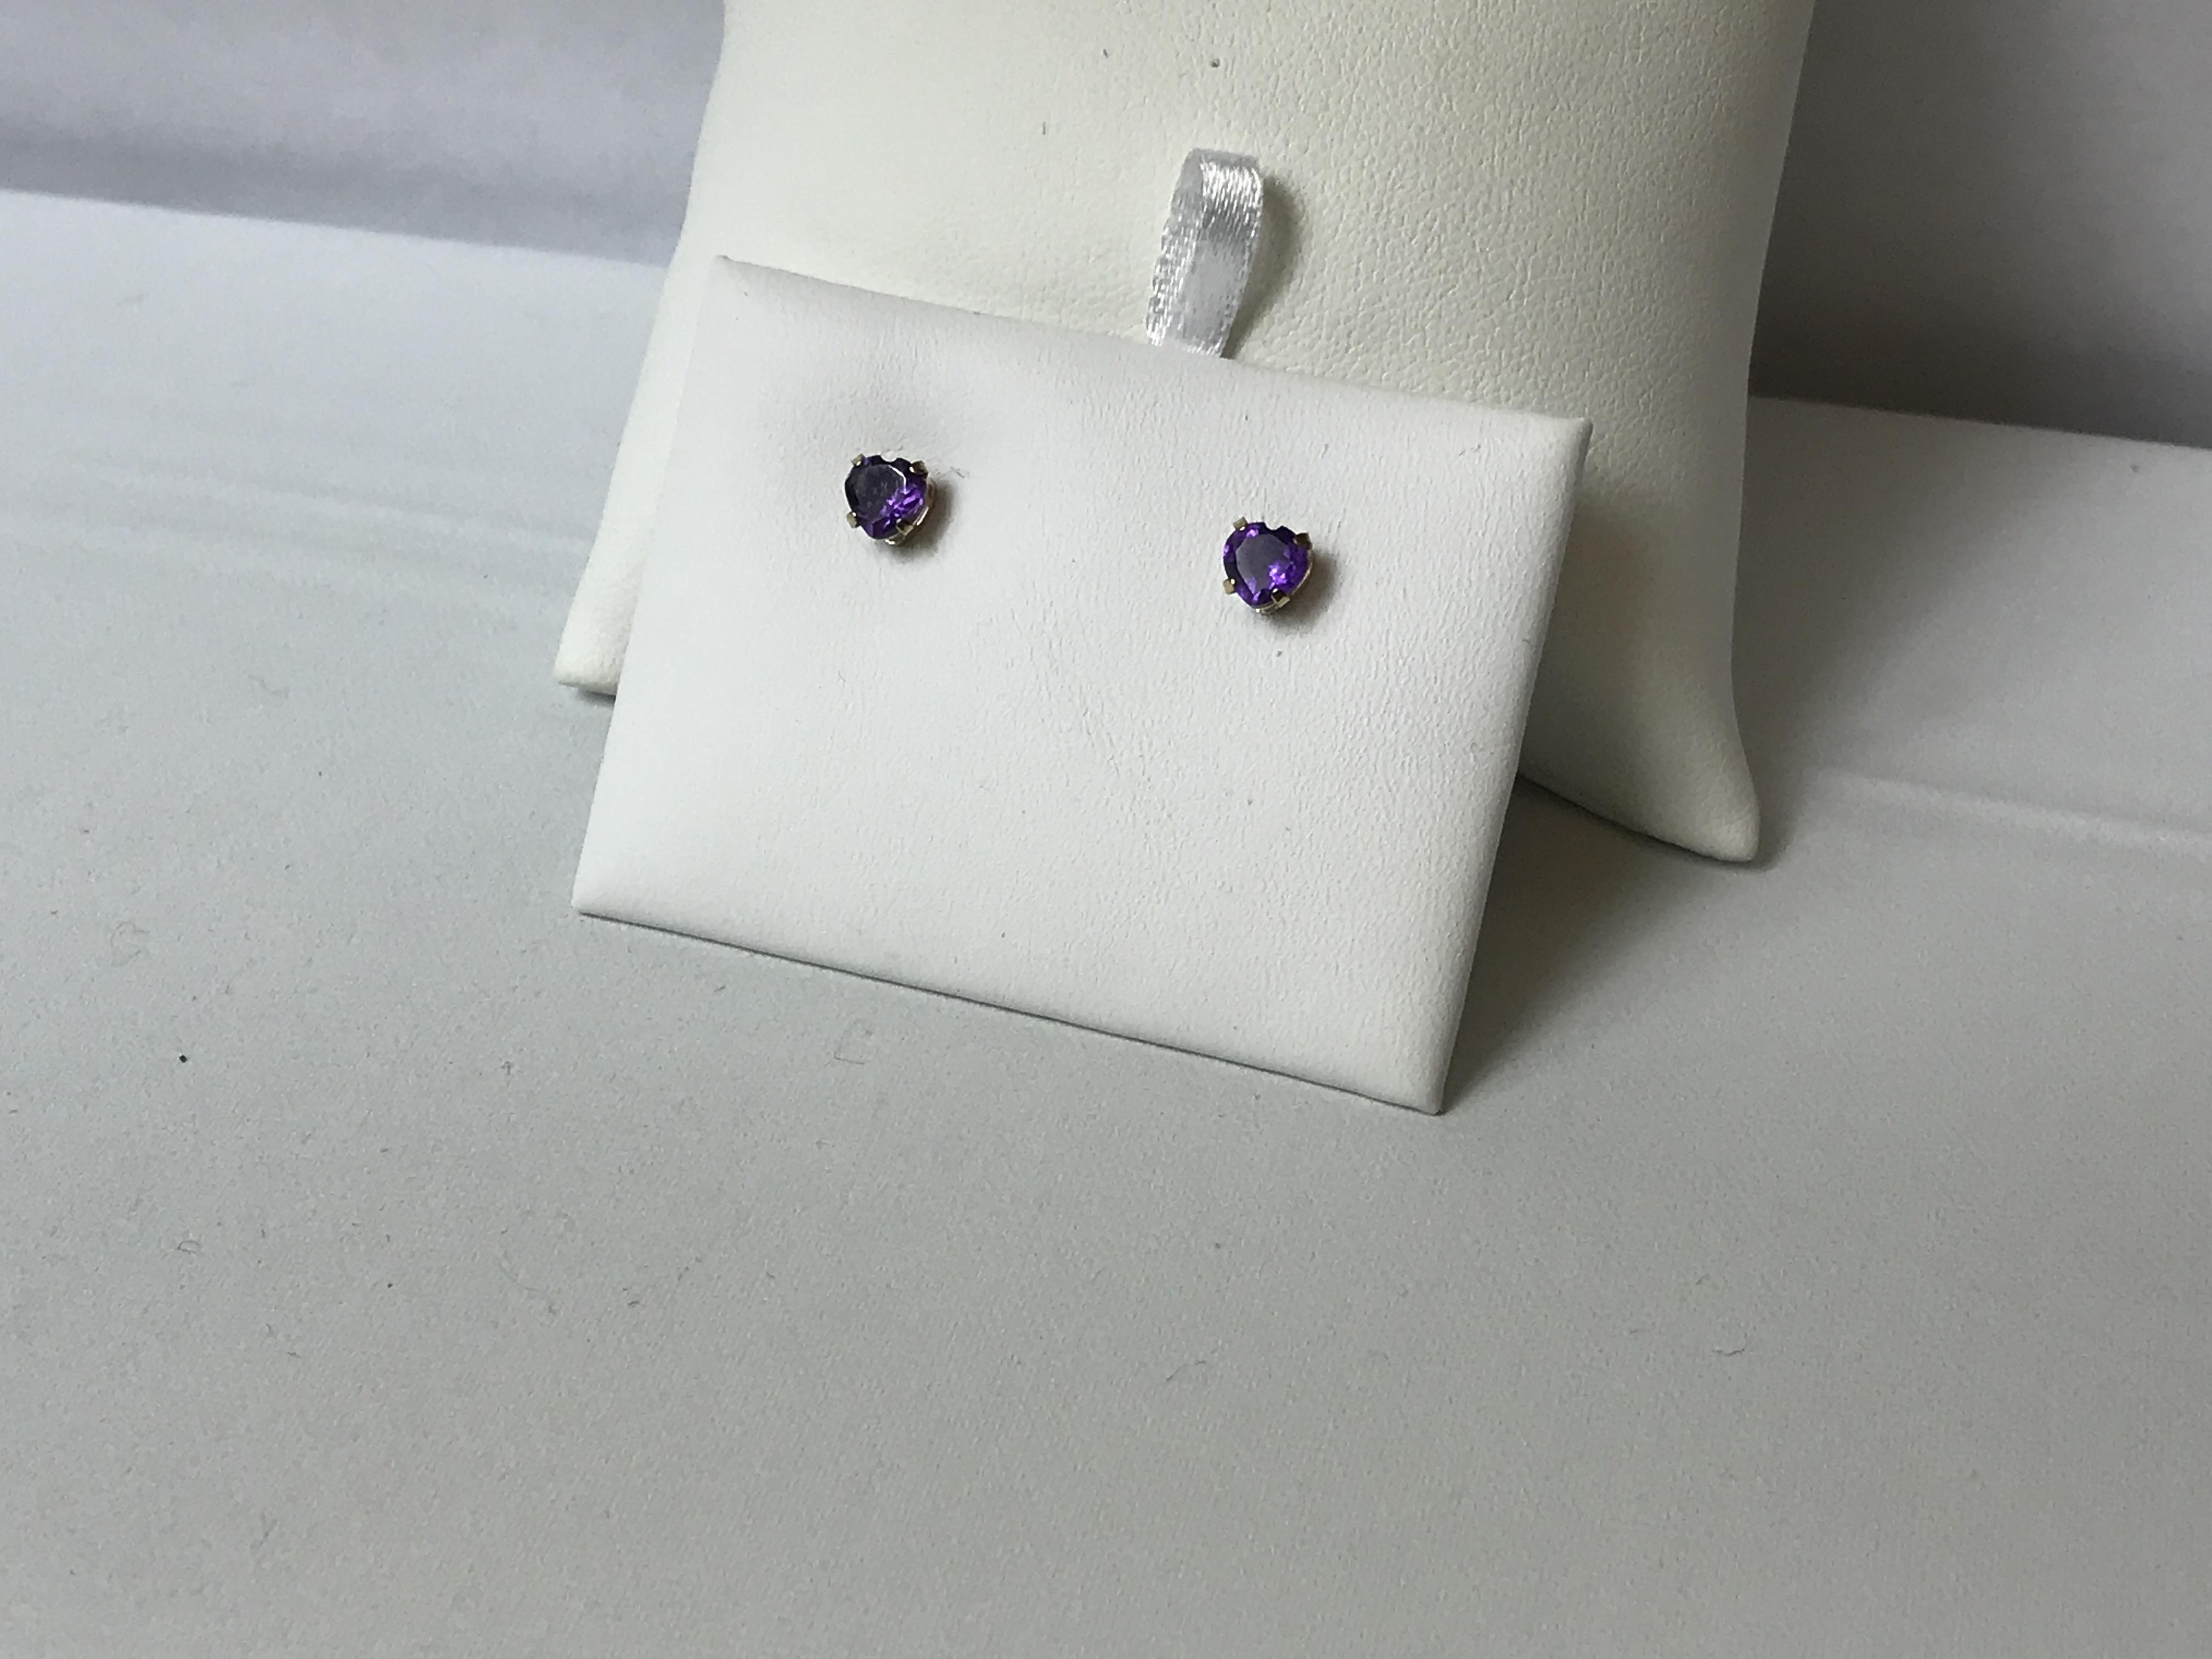 Heart Shaped Purple Stone Stud Earrings 10K Yellow Gold .5g